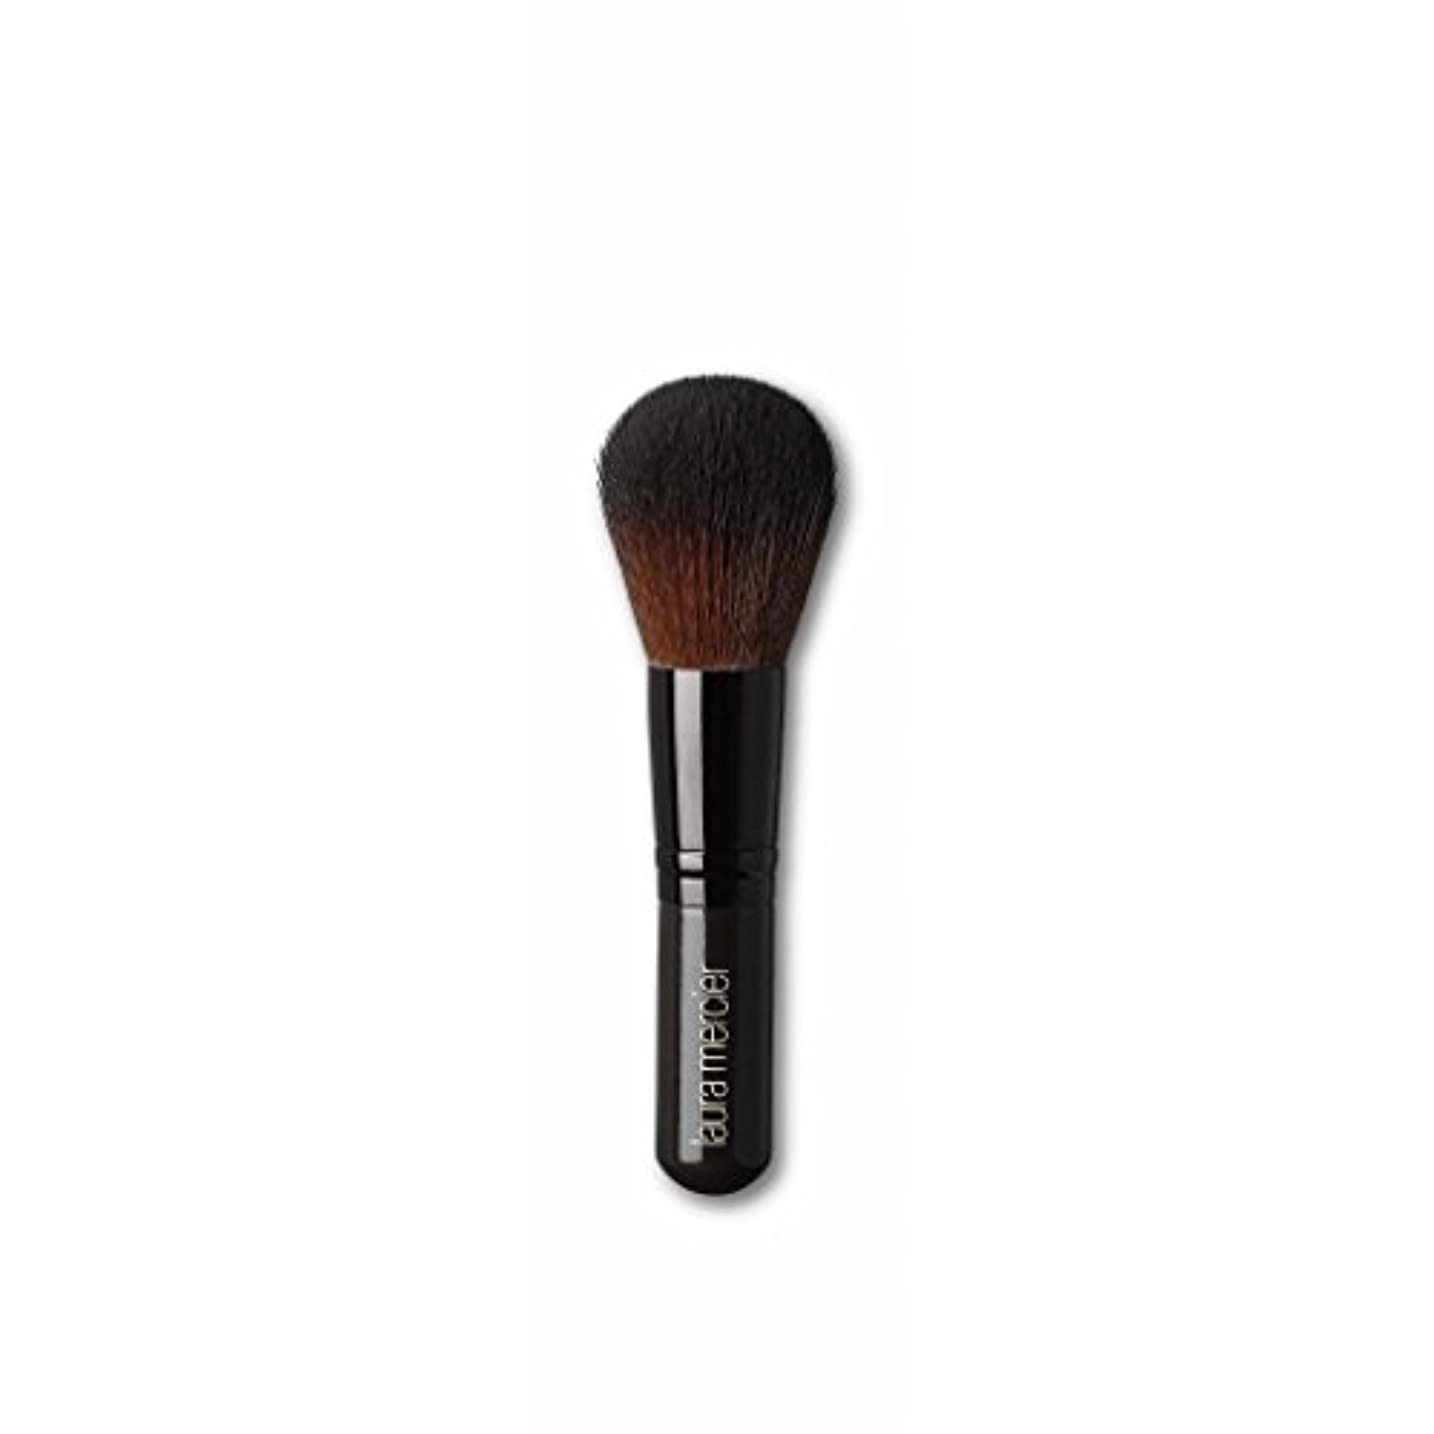 のりどんよりした一人でLaura Mercier Severely Round Head Blending Synthetic Powder Brush